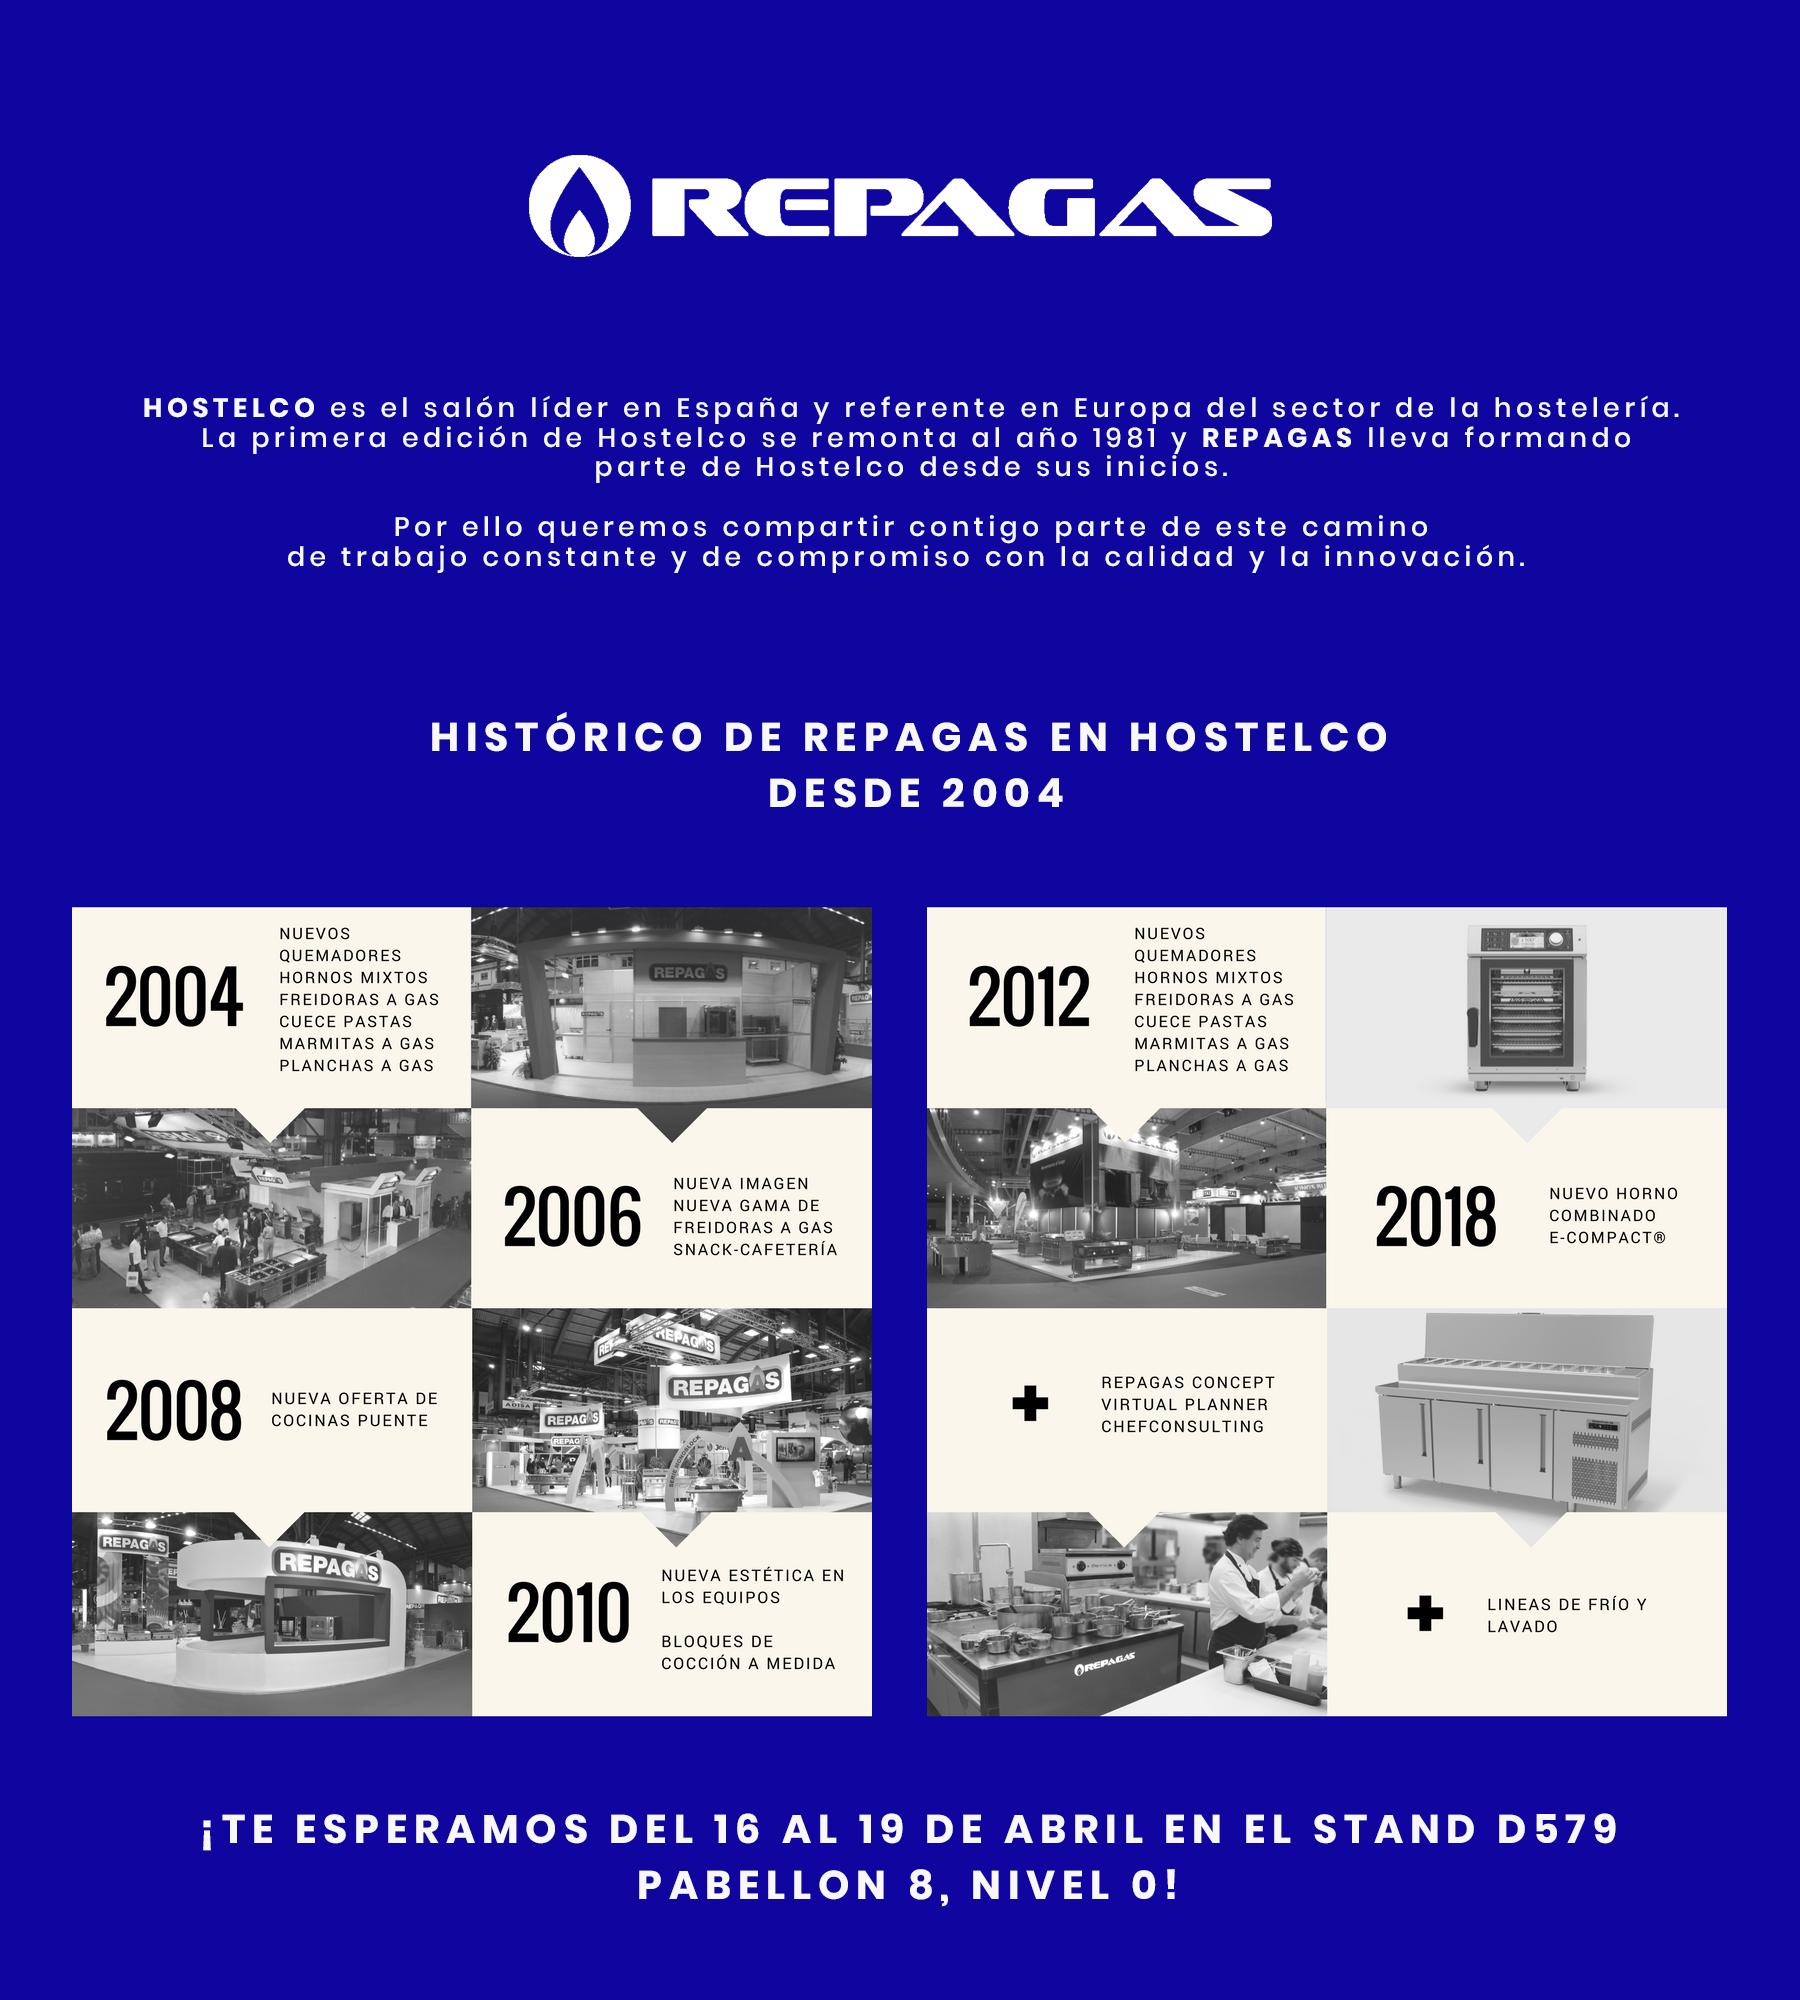 Infografia Hostelco Repagas